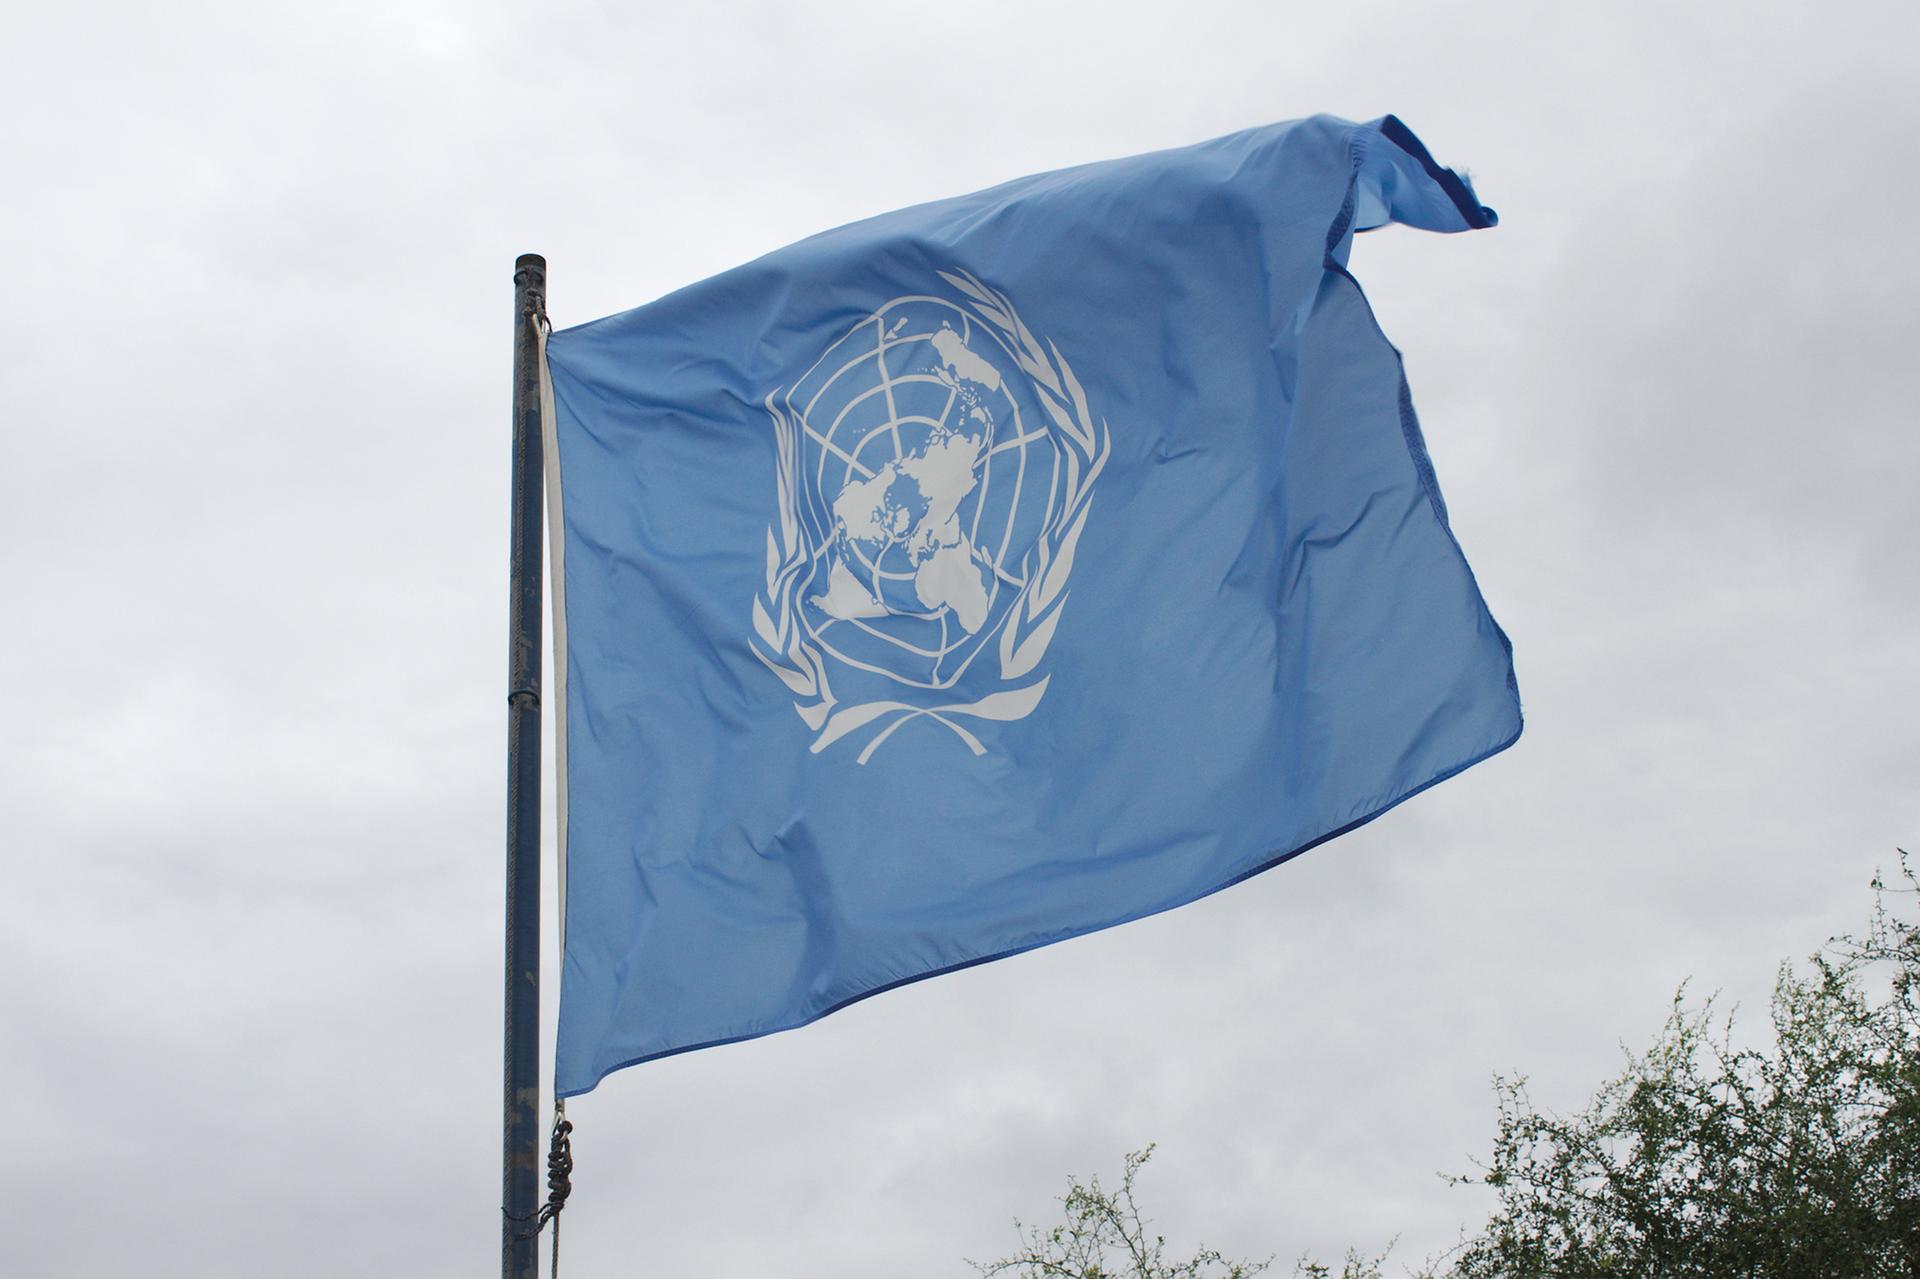 Kolorowe zdjęcie przedstawia flagę ONZ. Niebieska prostokątna flaga zawieszona na maszcie. Flaga powiewa wprawą stronę zdjęcia. Na niebieskiej powierzchni, na środku flagi, białe logo ONZ. Centralna część logo to kula ziemska zbiałymi konturami kontynentów. Wokół kuli ziemskiej, po lewej iprawej stronie, białe gałązki zliśćmi.